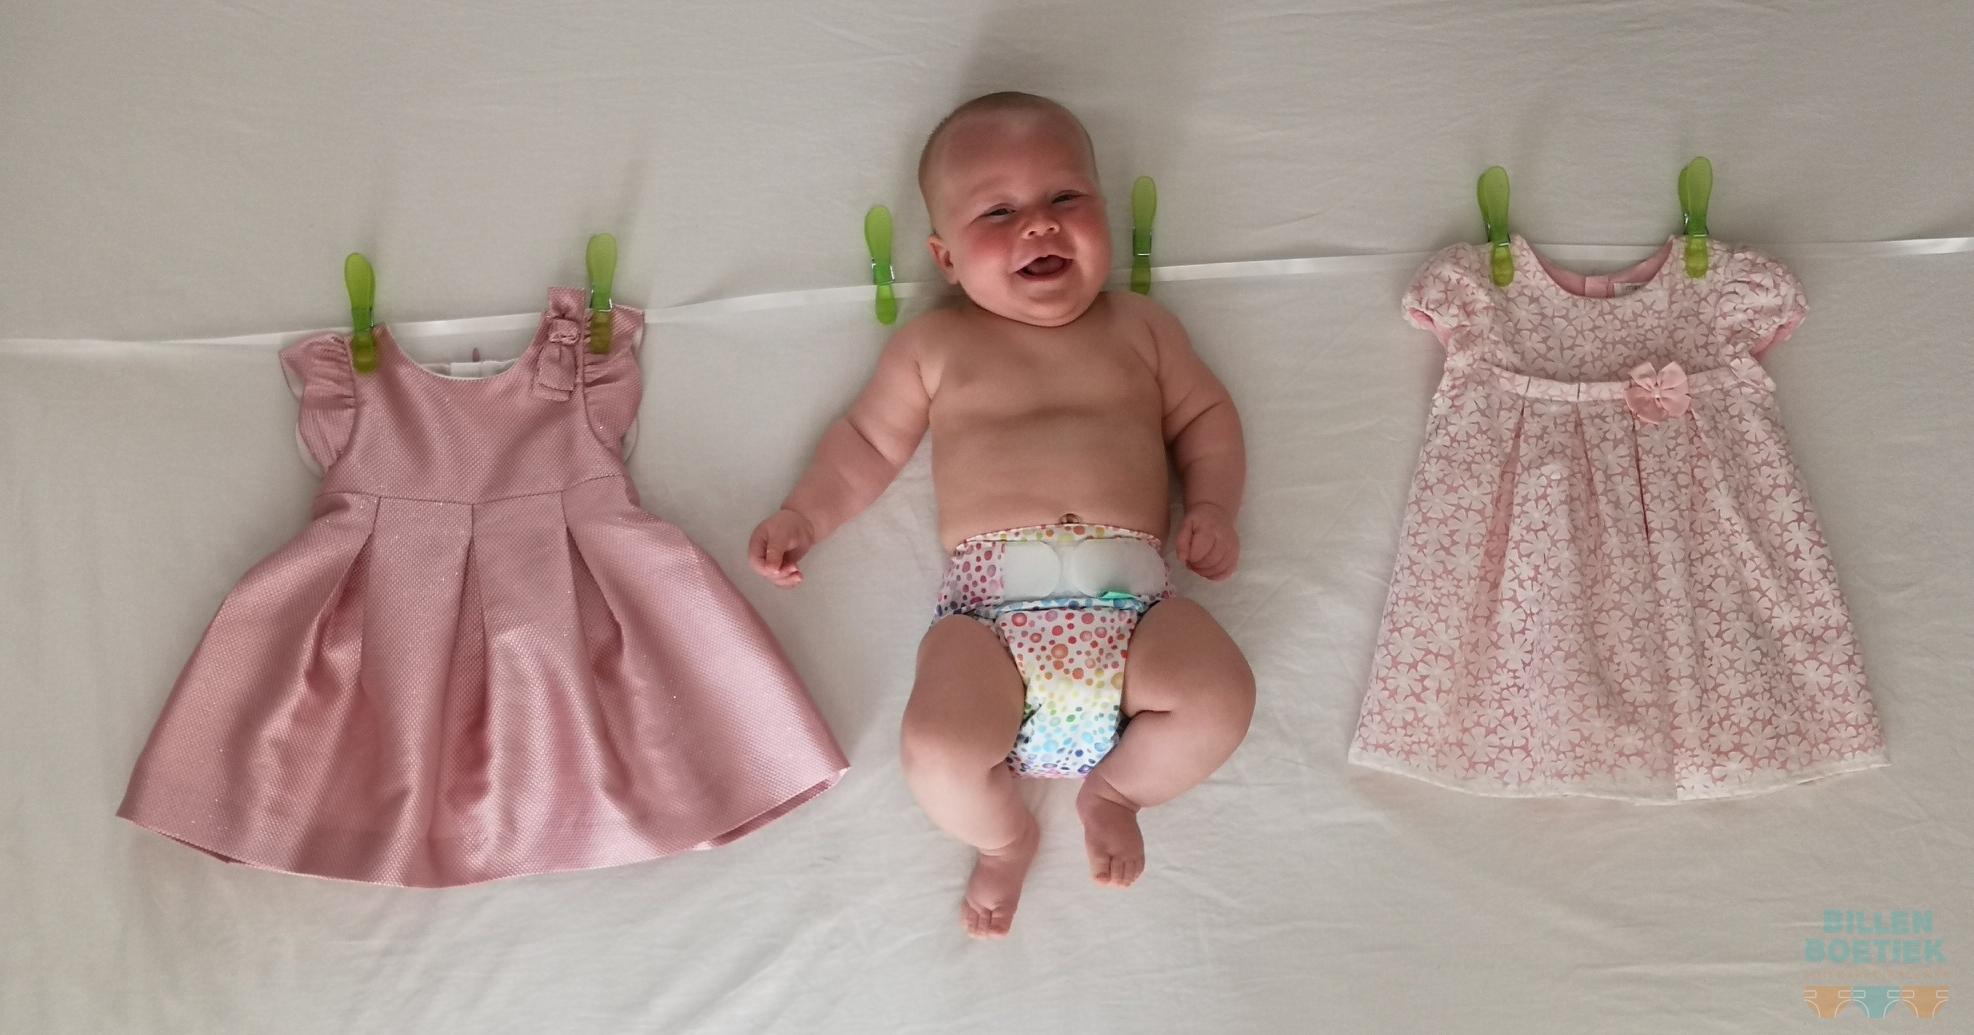 Waslijn met wasbare luier kindje van Lindsey Michiels